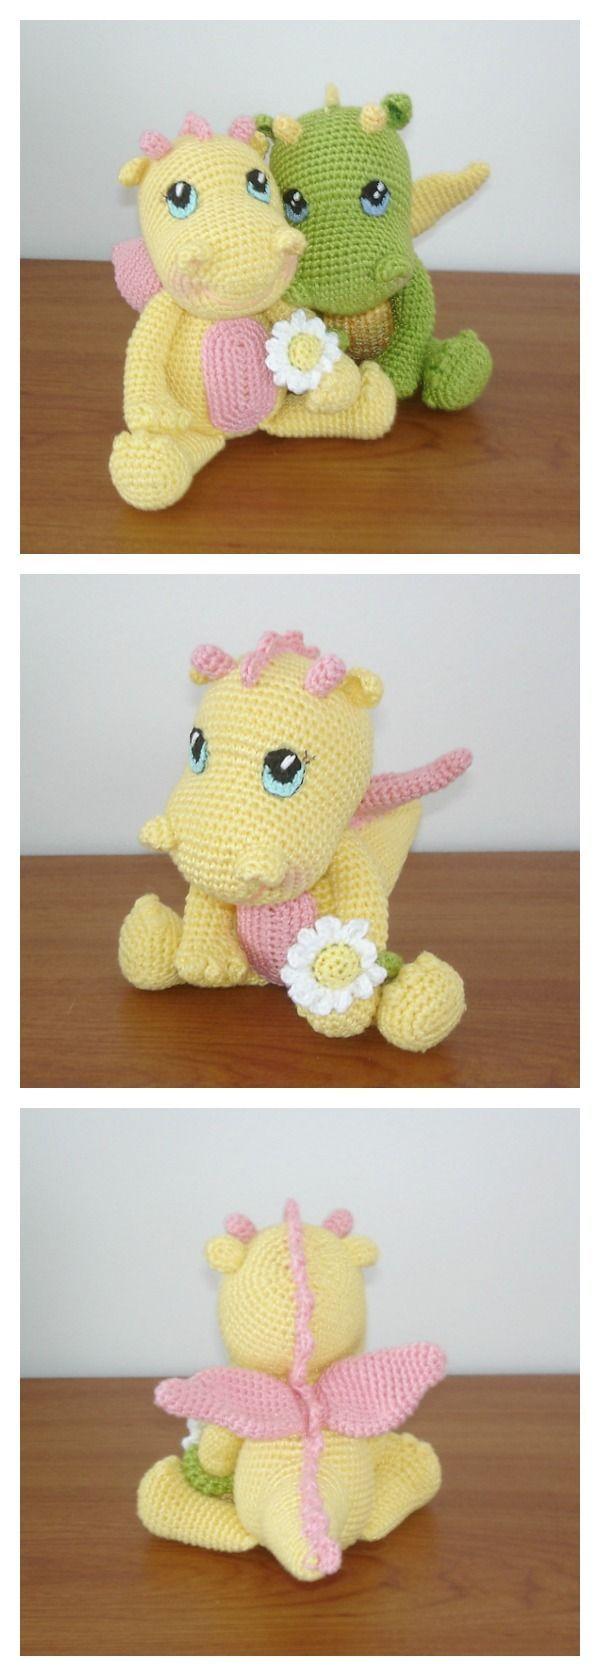 Crochet Amigurumi Dinosaur Free Pattern | Häkeln - Anleitungen ...